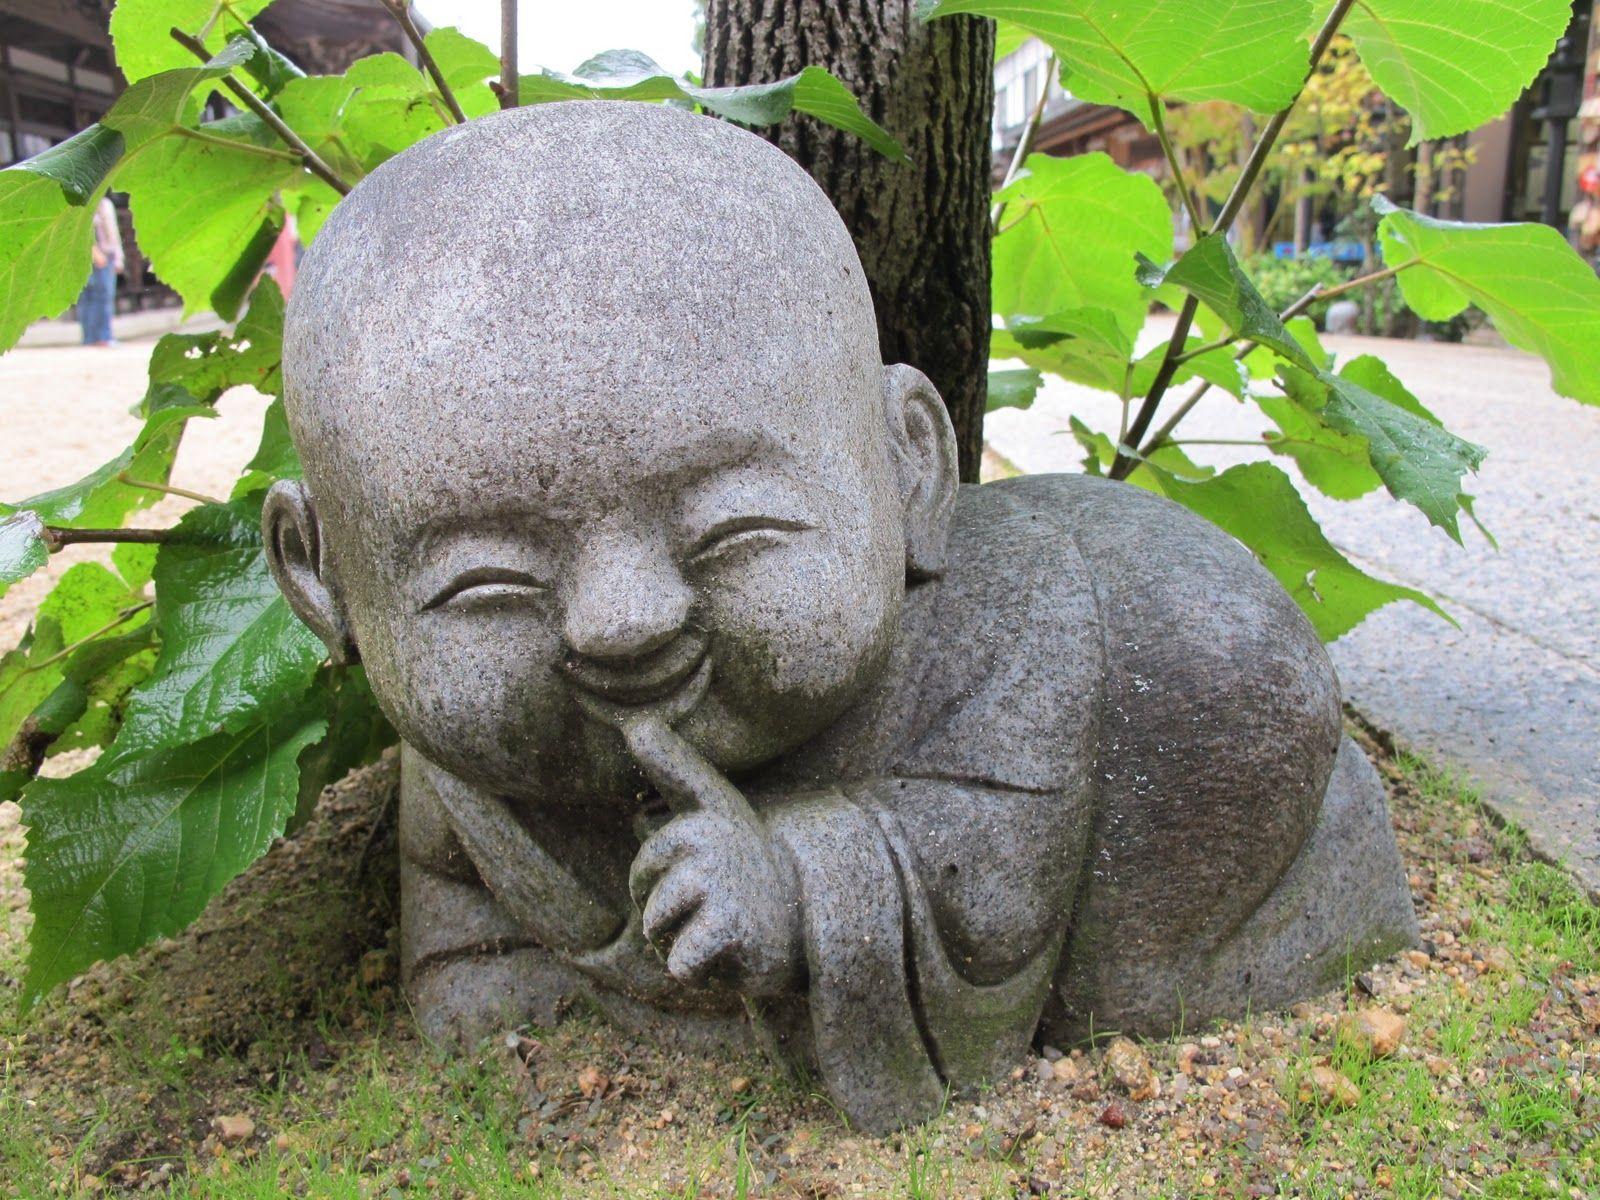 Hidden buddah boeda beelden pinterest buddha buddhismus en skulpturen - Steinfiguren buddha garten ...